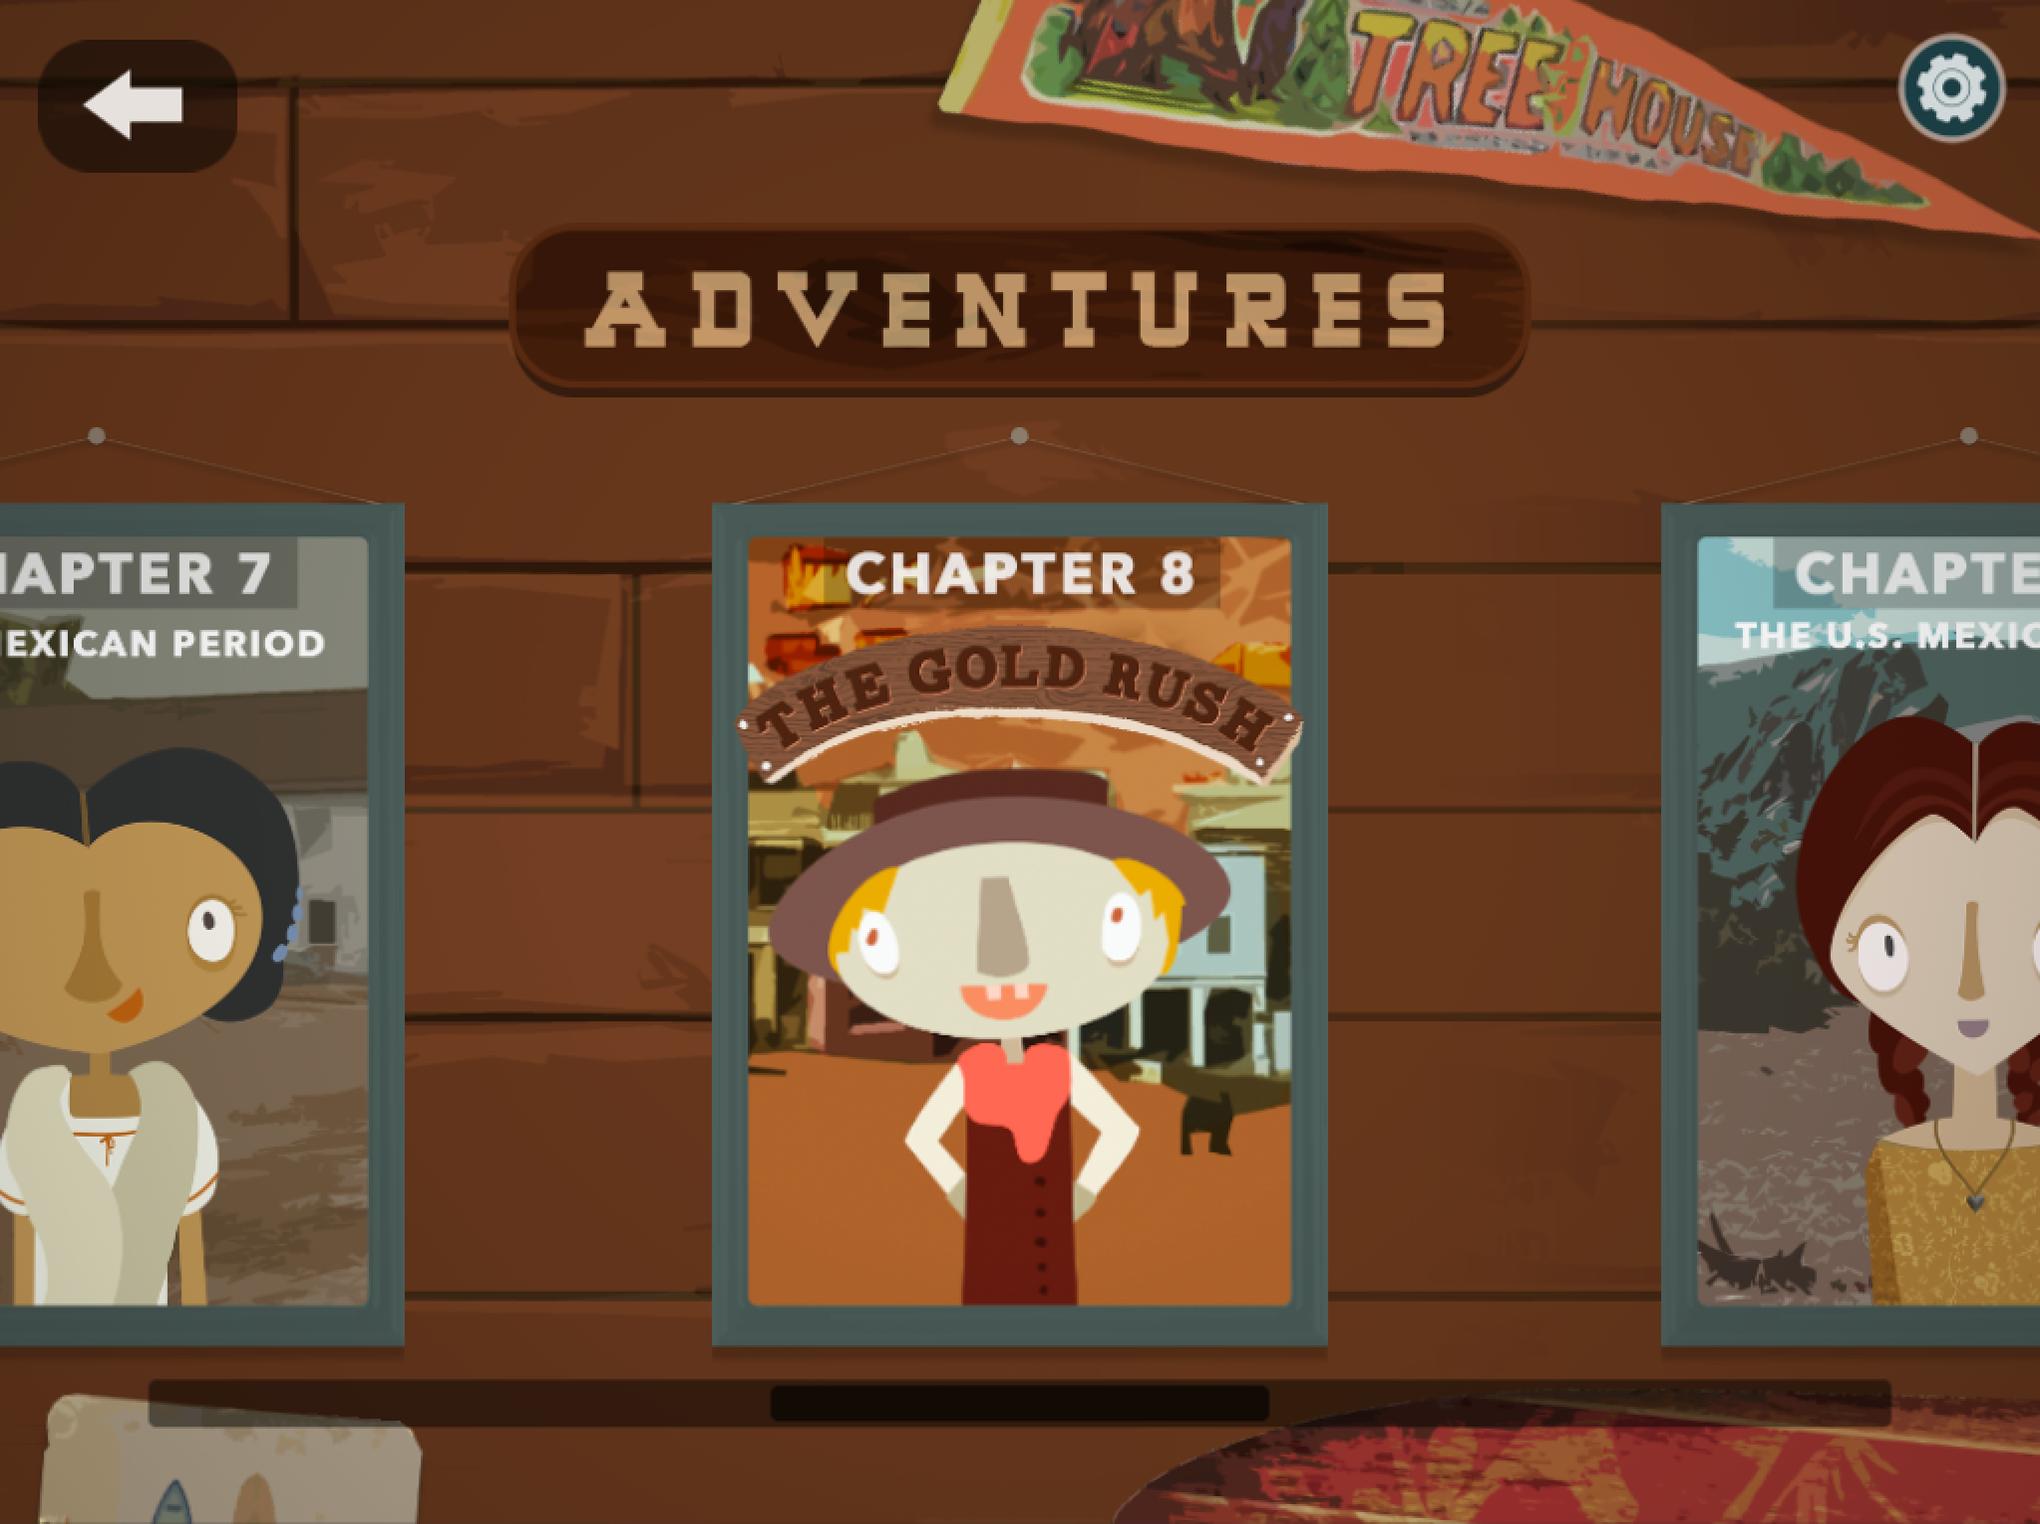 2_Adventures.png